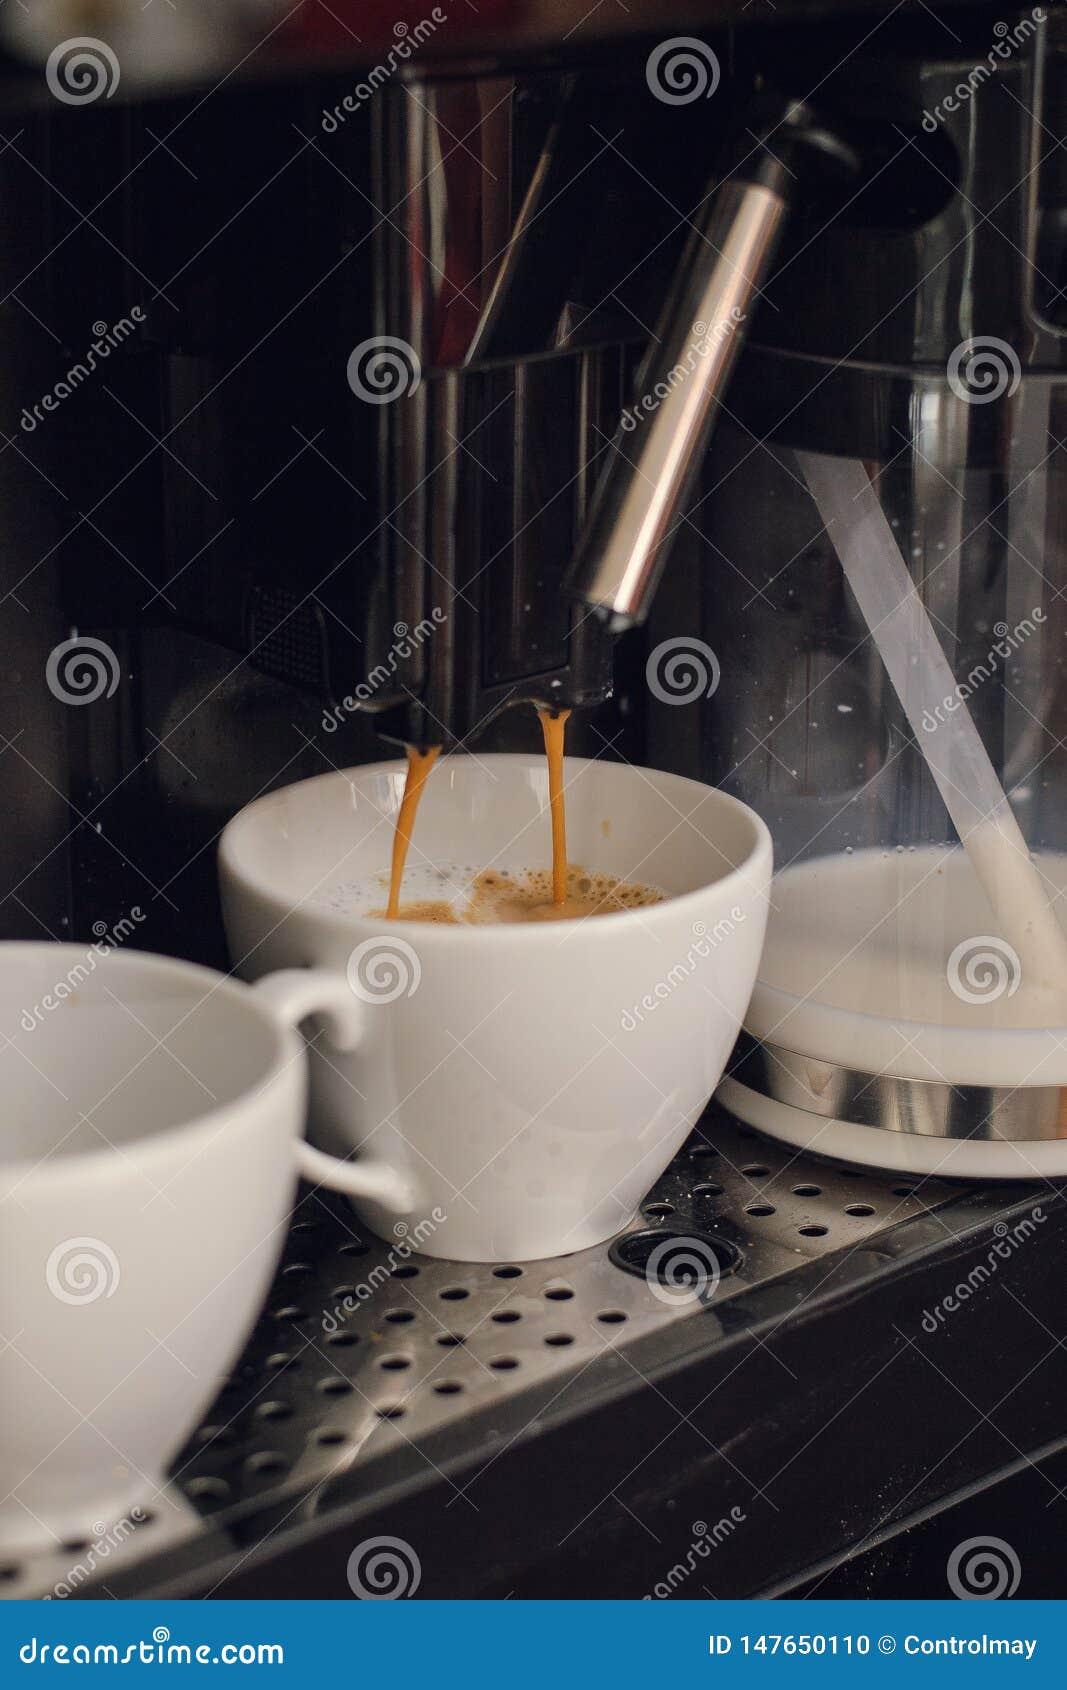 Fabrication du caf? dans un caf?